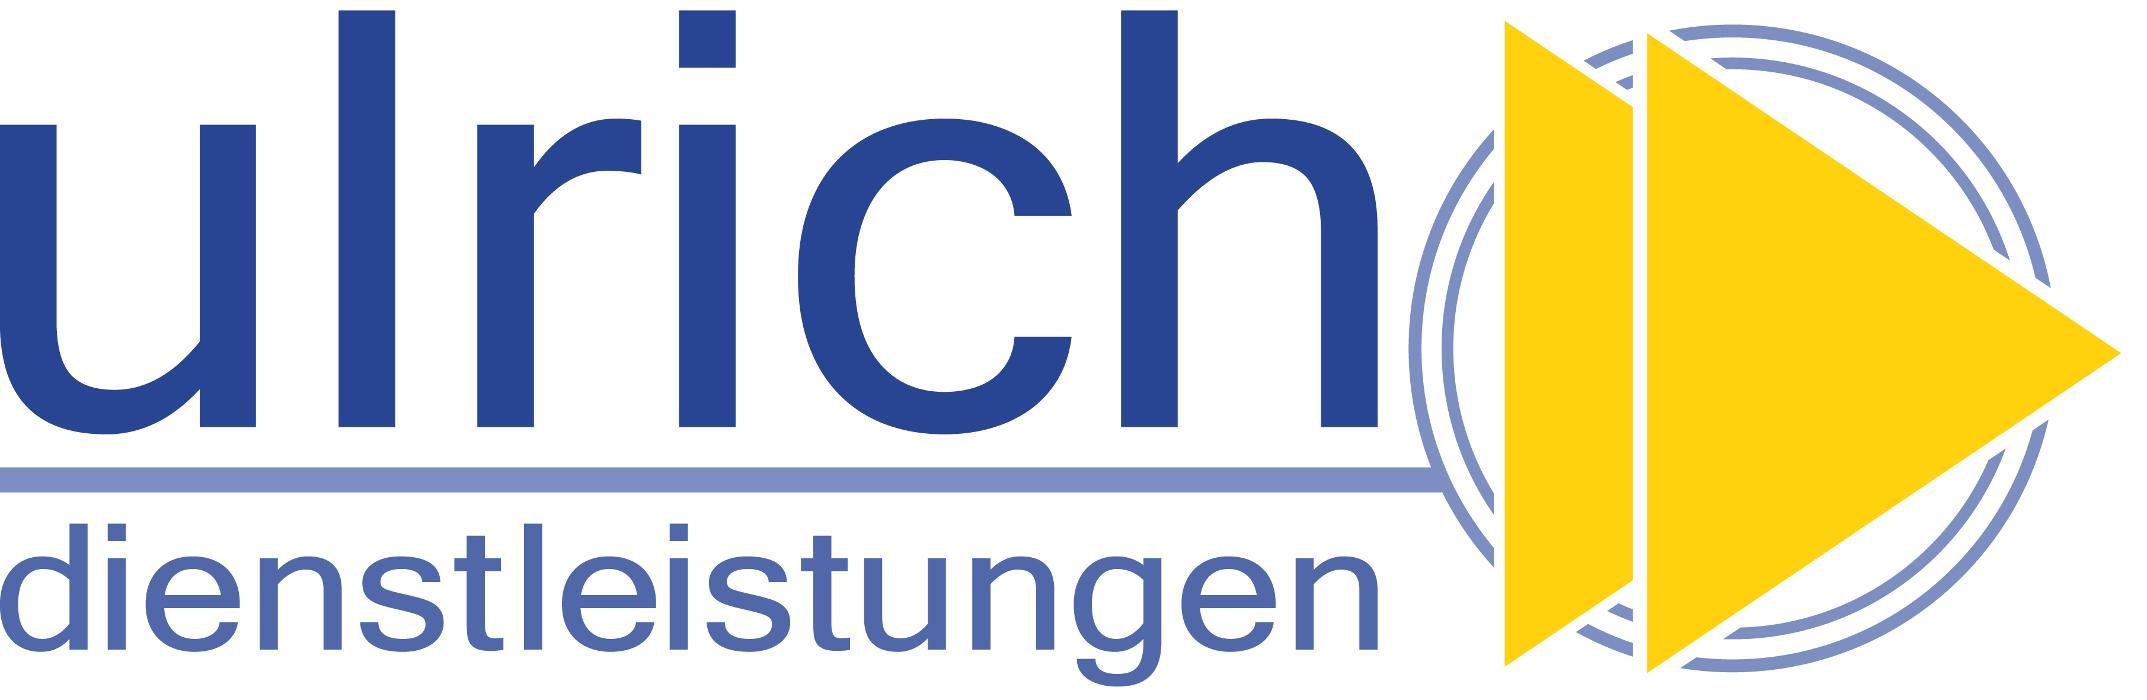 Bild zu Ulrich Dienstleistungen in Oberasbach bei Nürnberg